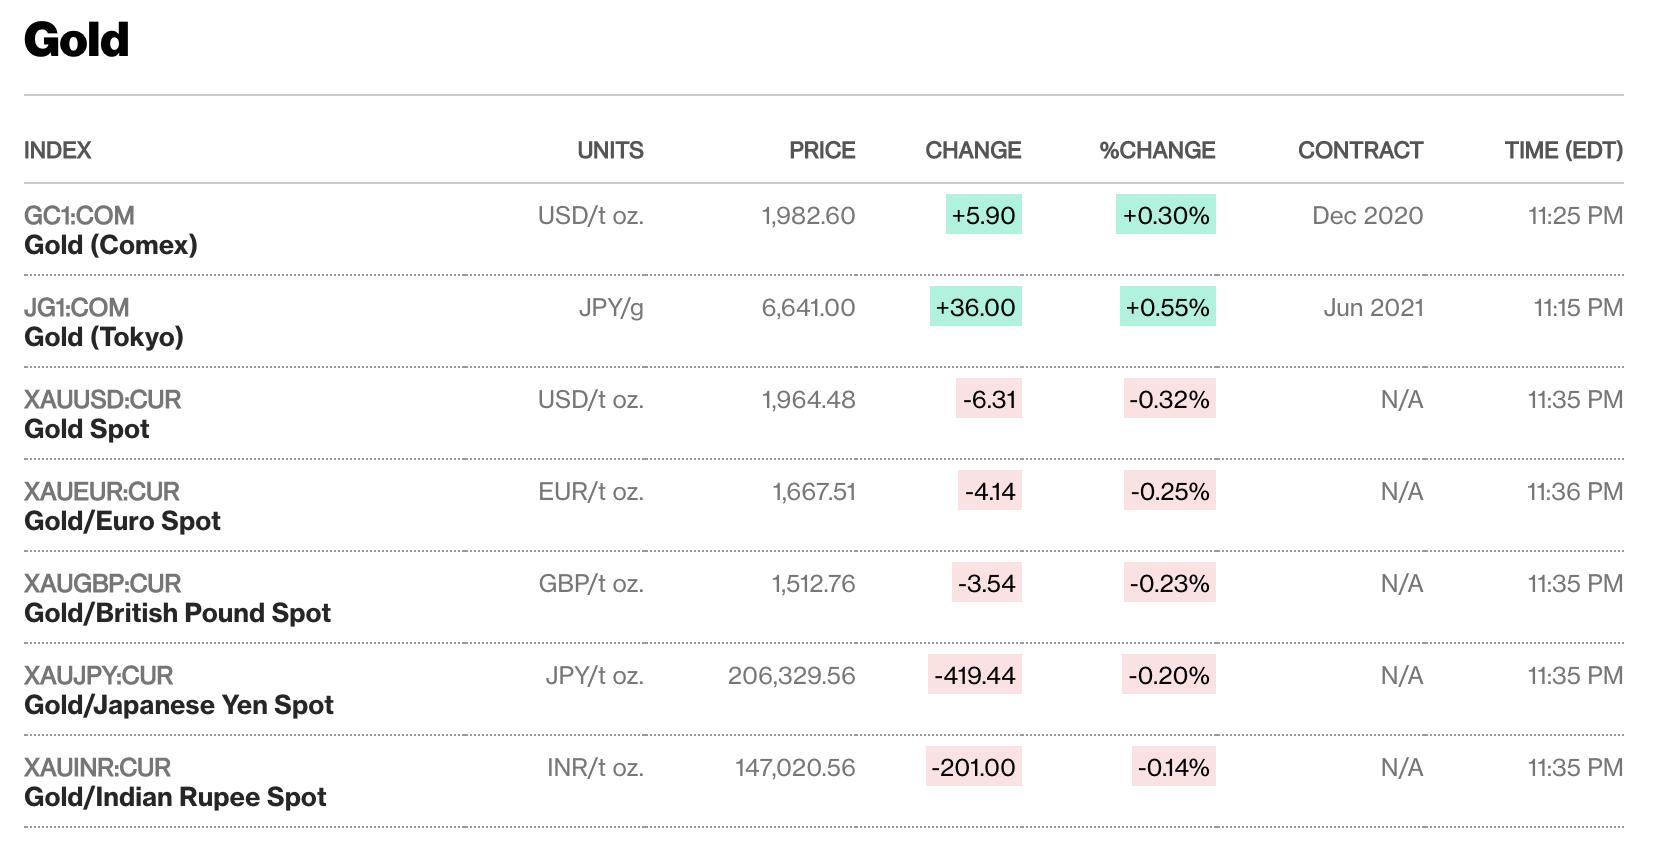 Giới đầu tư lạc quan giá vàng sẽ tiếp tục lập kỉ lục - Ảnh 1.